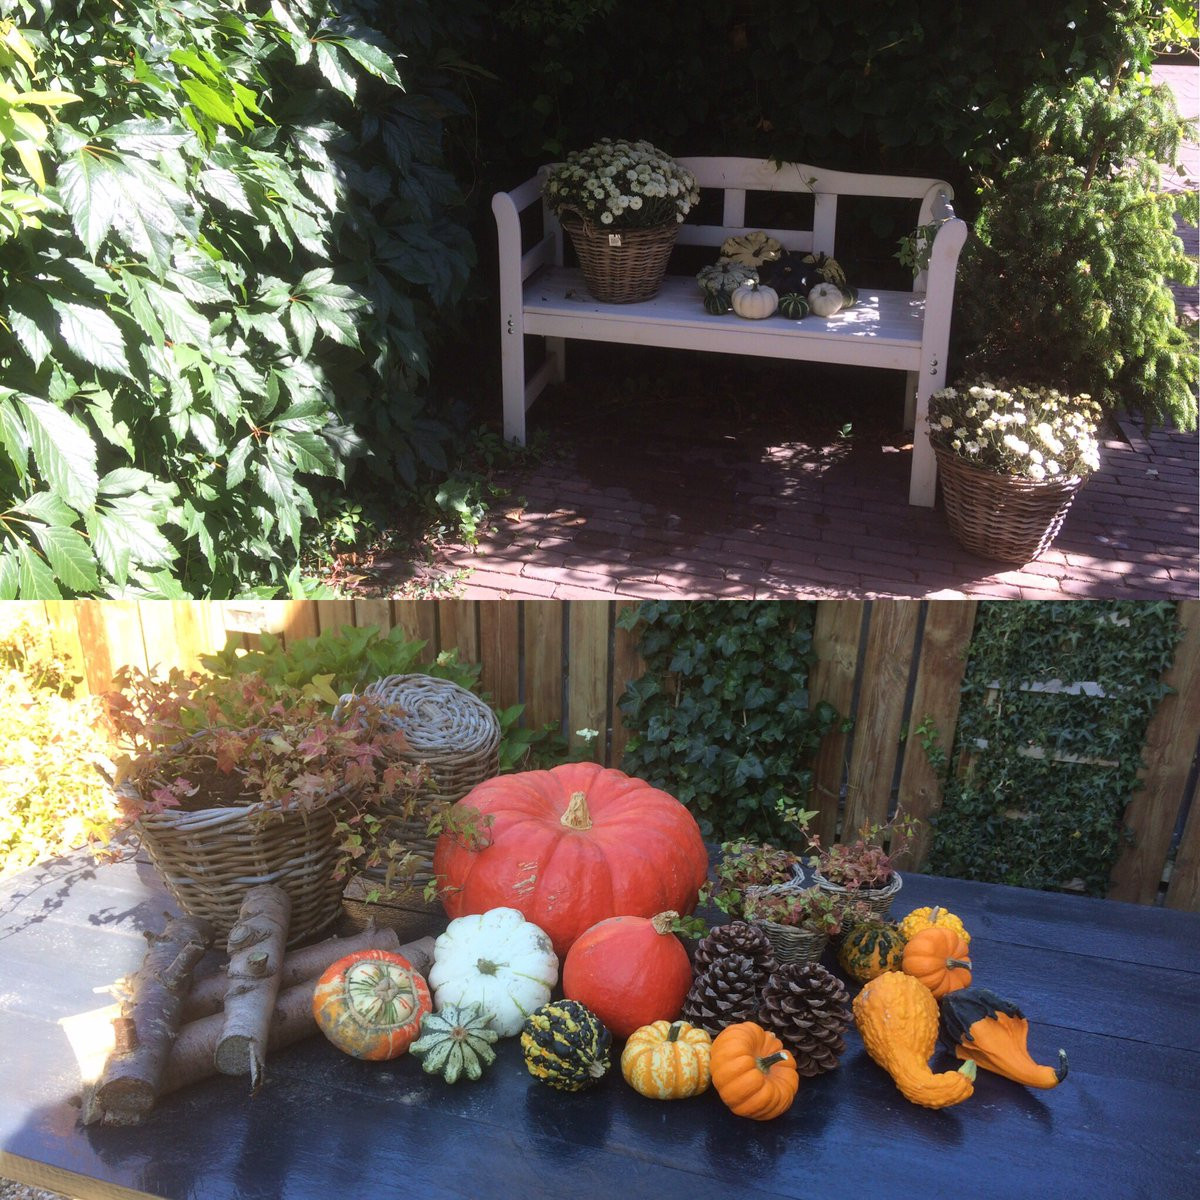 Heerlijk weer ☀️, #tuin gedaan, ingericht met #kalebassen en #ramen gewassen. Weer een gezellig #uitzicht vanuit #huis ❤️#genieten https://t.co/PnFi3IMyGB